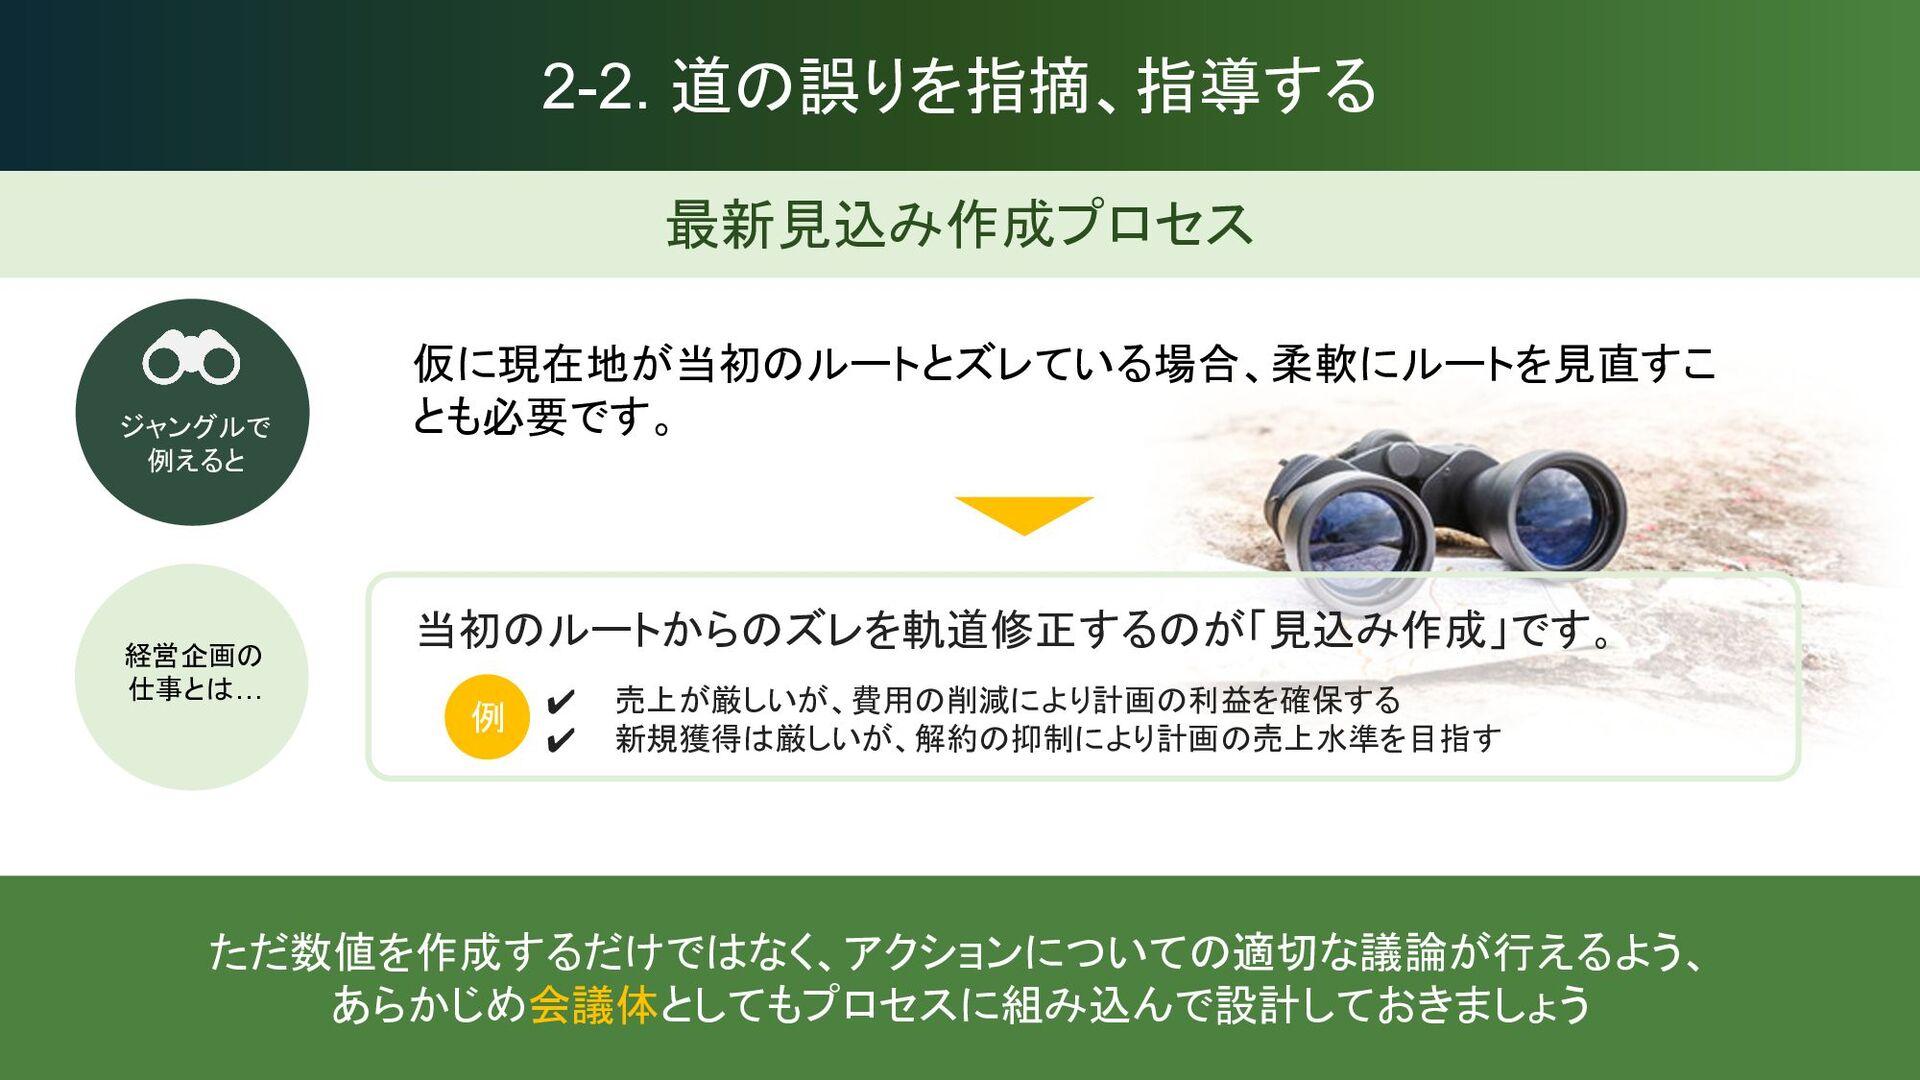 業務改善・BPR 3. 効率的に歩けるように草⽊を伐採する ⽣えている草⽊を伐採することで⾒通...